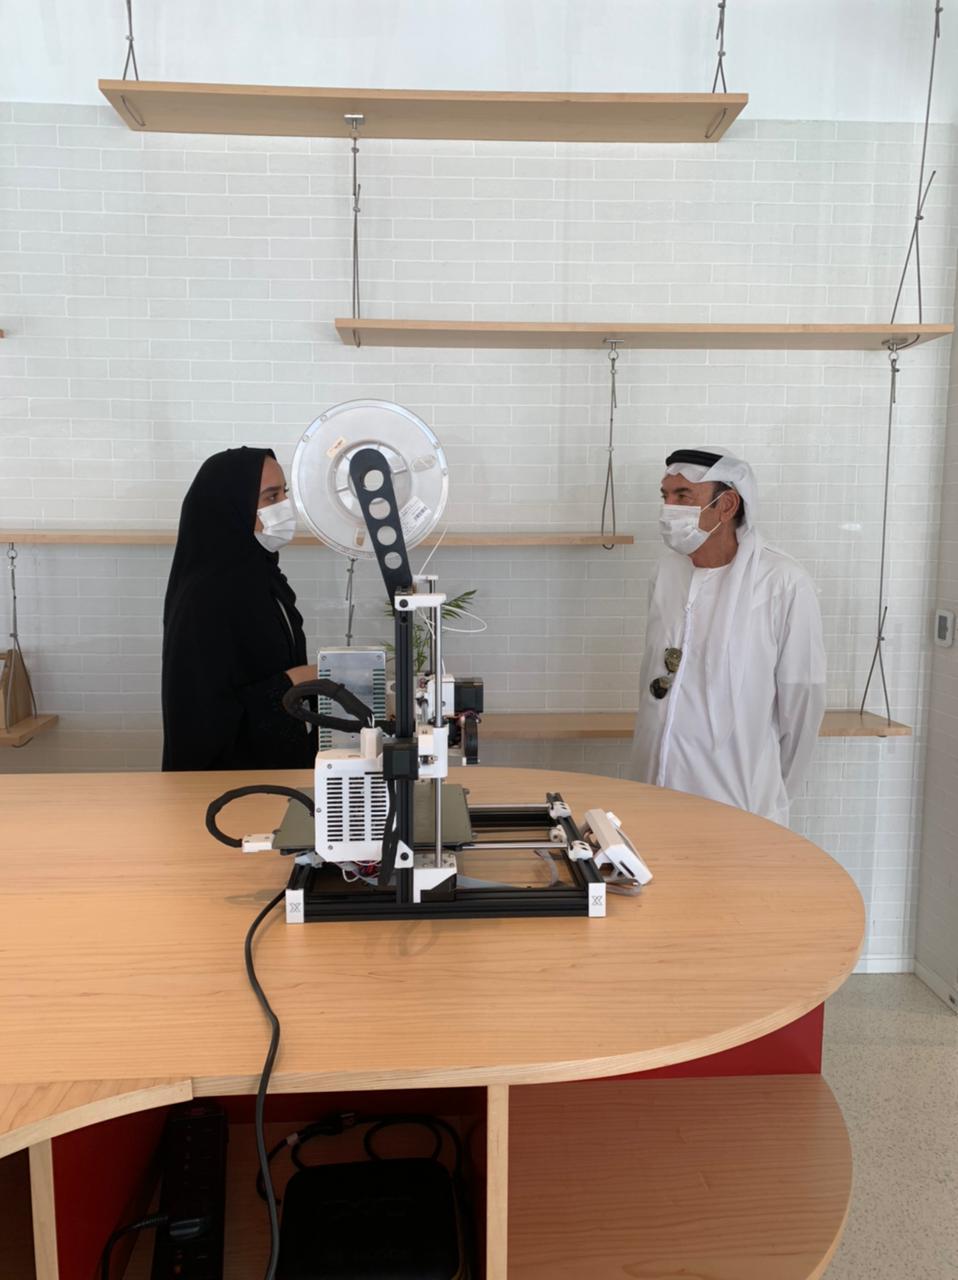 """زكي نسيبة: """"بوابة النقوش العربية"""" يلعب دوراً مُهمّاً  في تعريف أجيال المستقبل بالموروث الإماراتي العريق"""